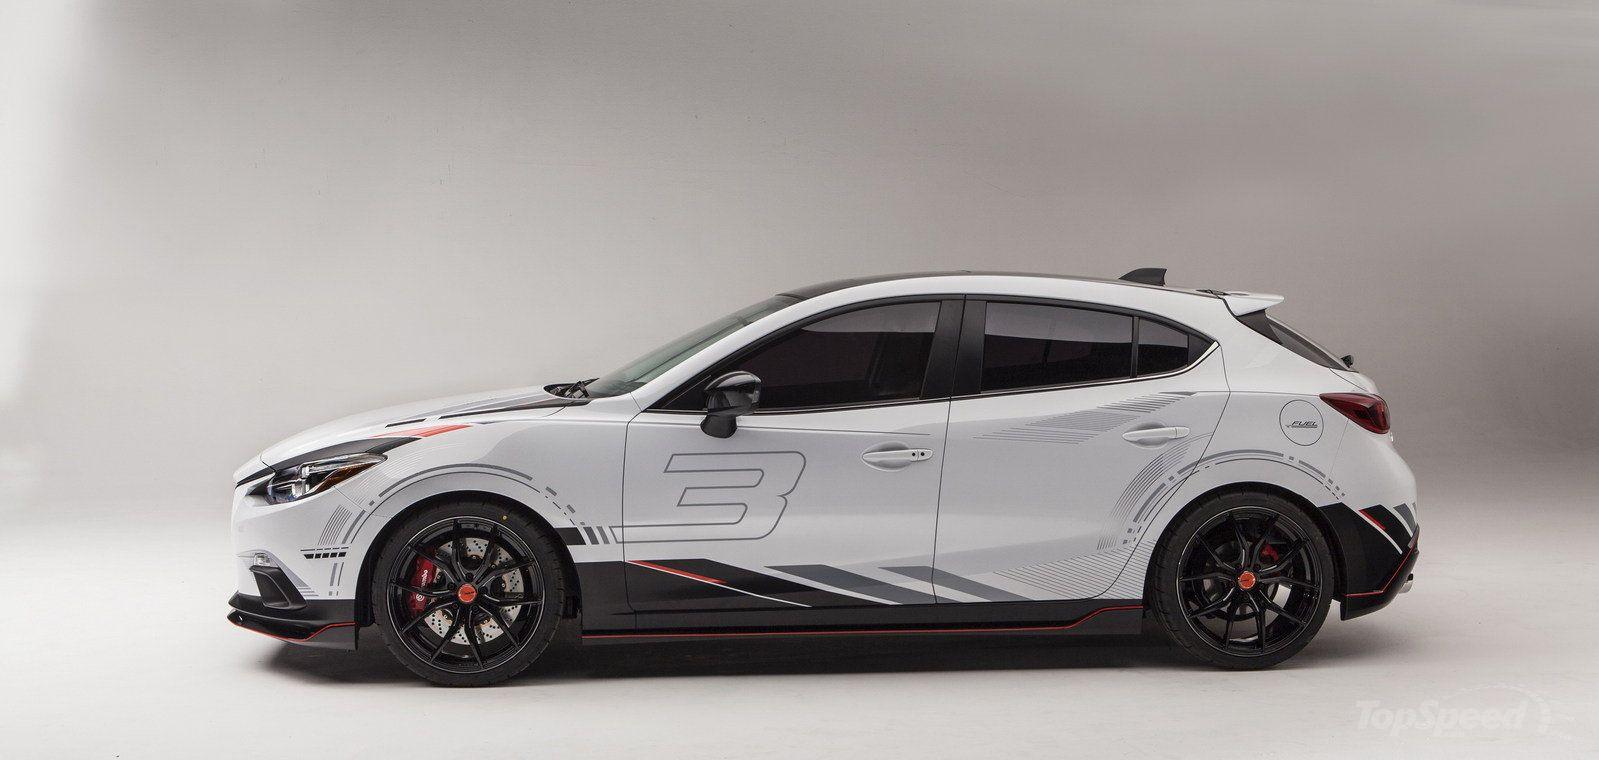 2014 Mazda Club Sport 3 Concept Gallery 531100 Mazda